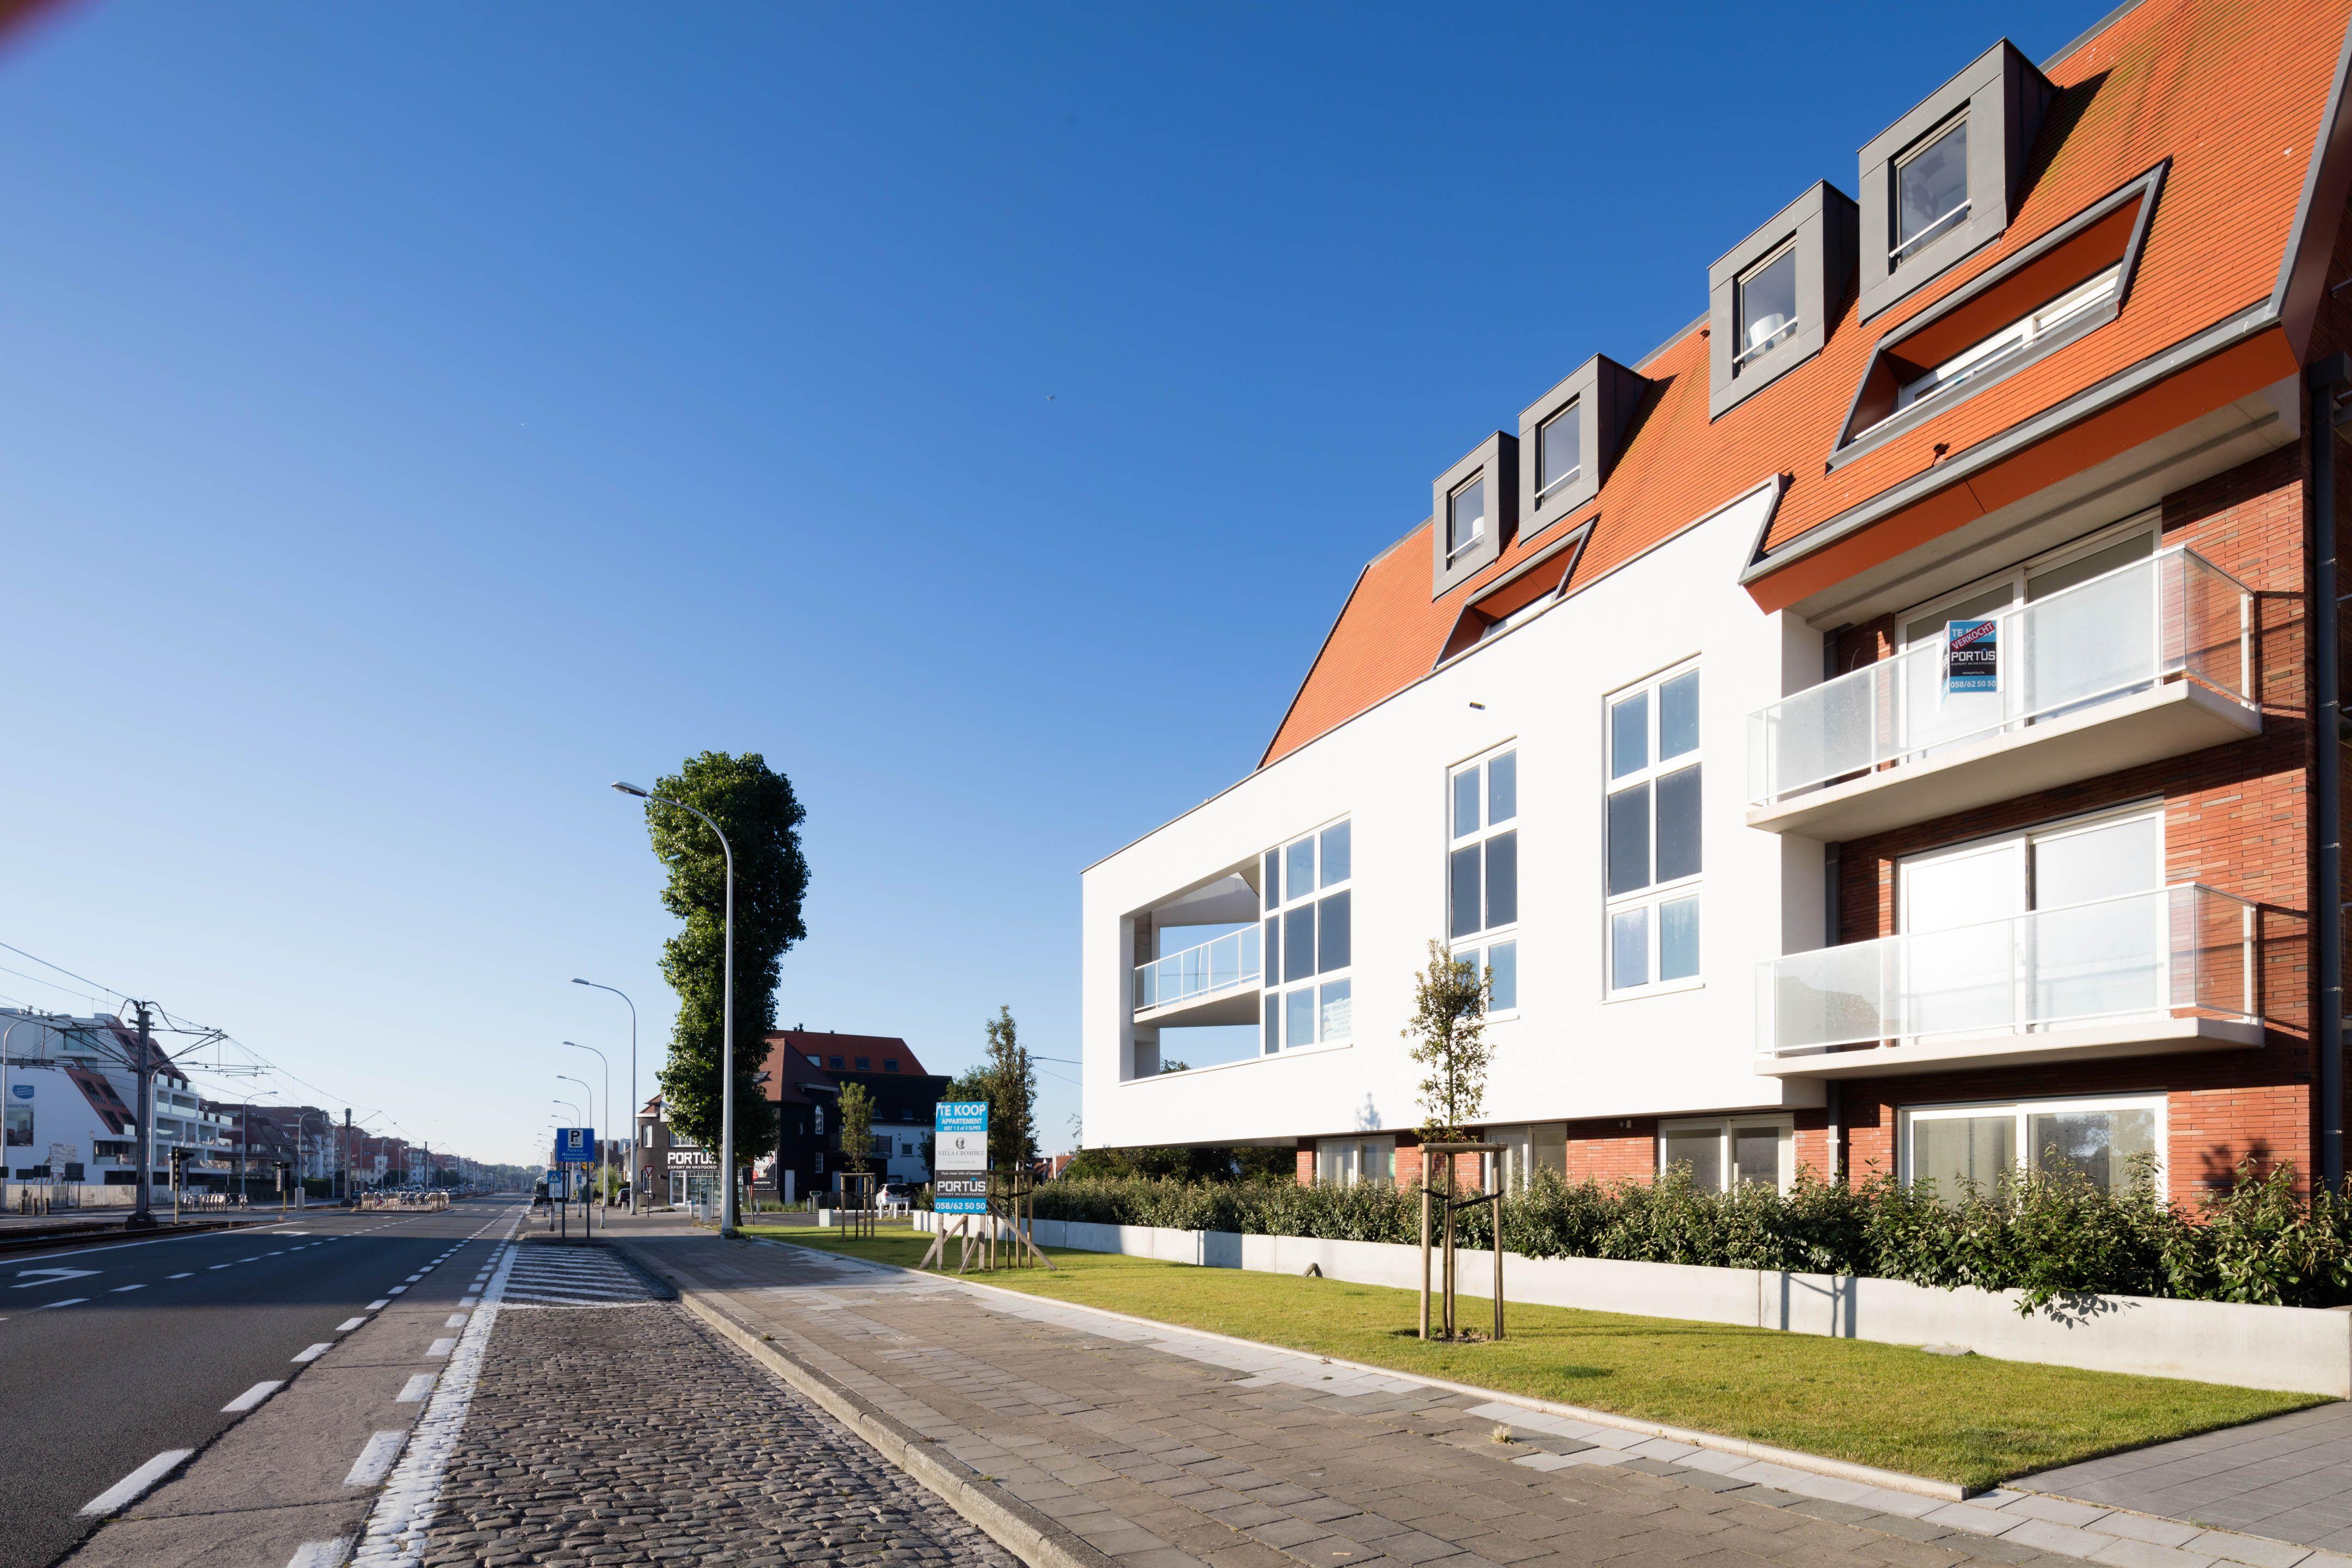 Appartement Residentie Villa Crombez Nieuwpoort - 8394